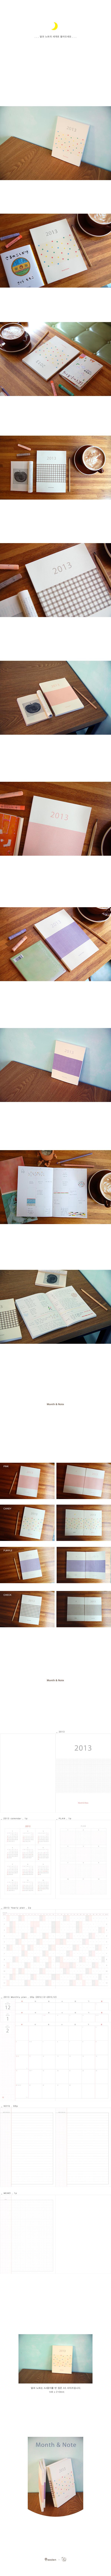 (2013����) �ް� ��Ʈ 4 ���̾ - �̵������, 9,200��, �Ϸ���Ʈ, 2013 ���̾